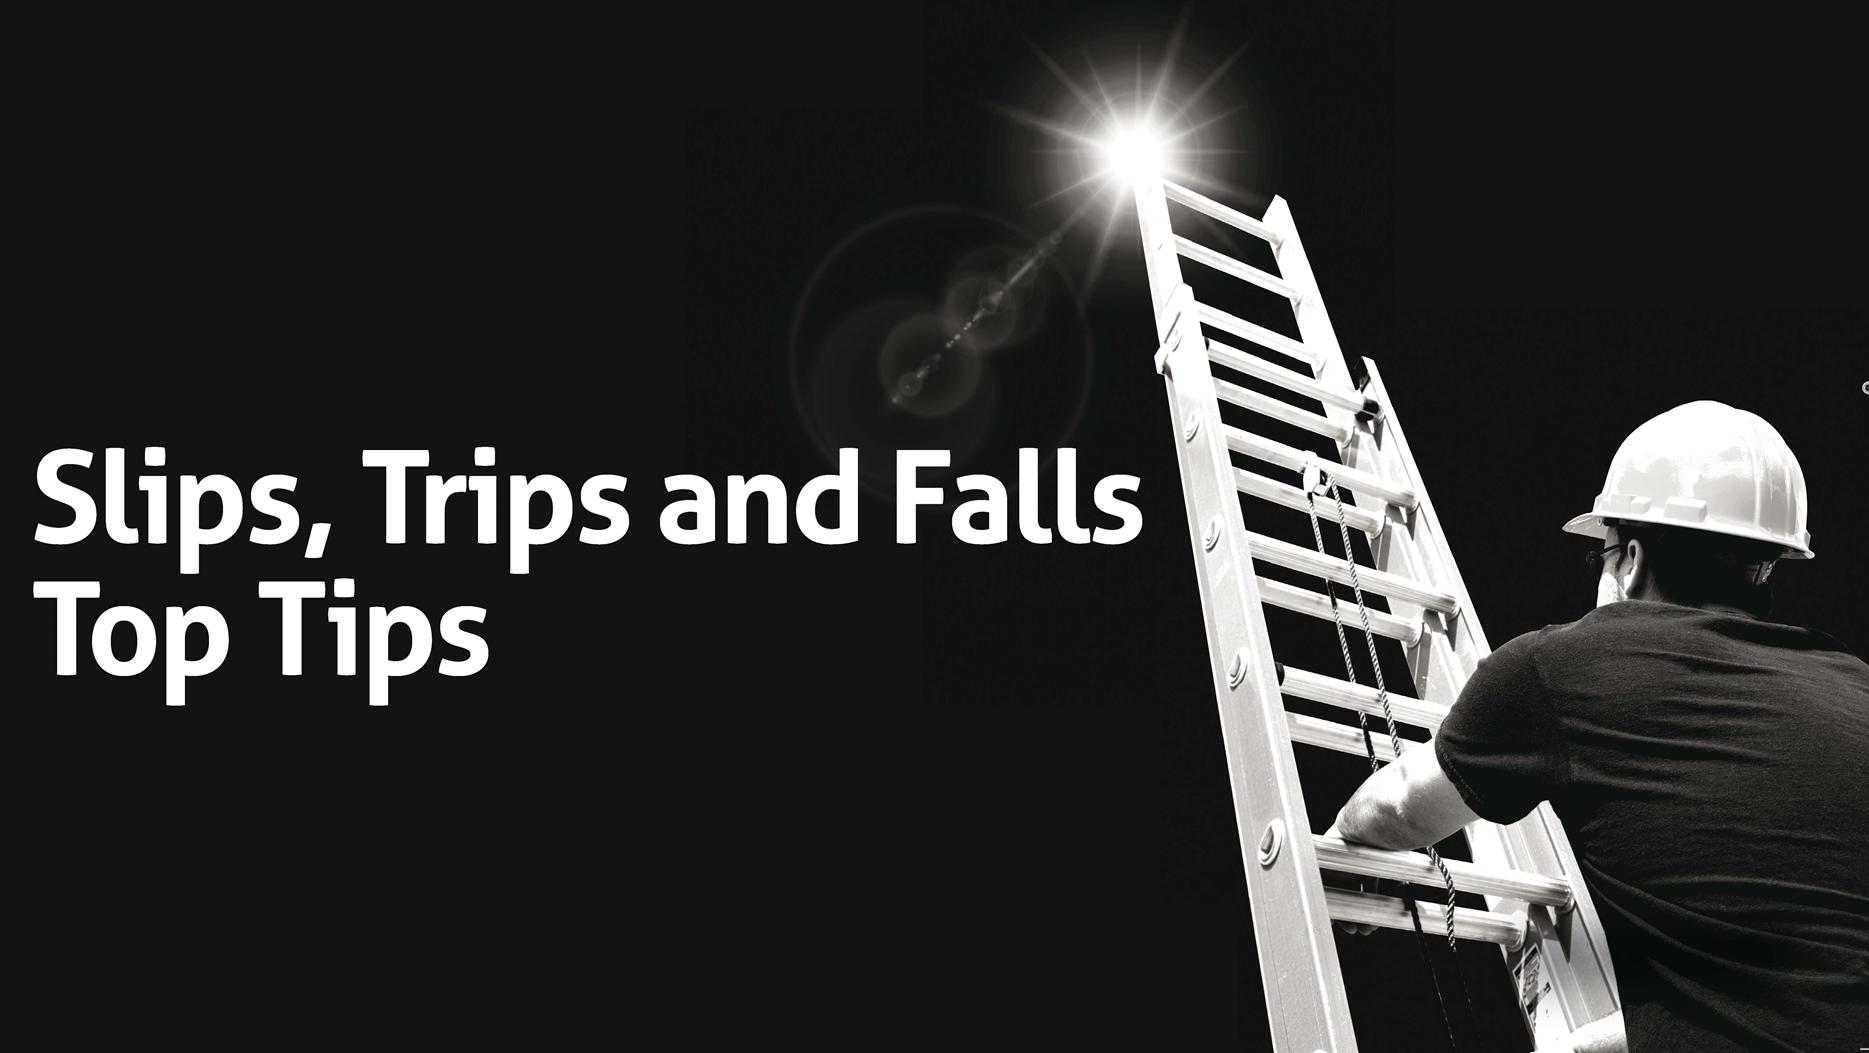 Slips trips2.jpg